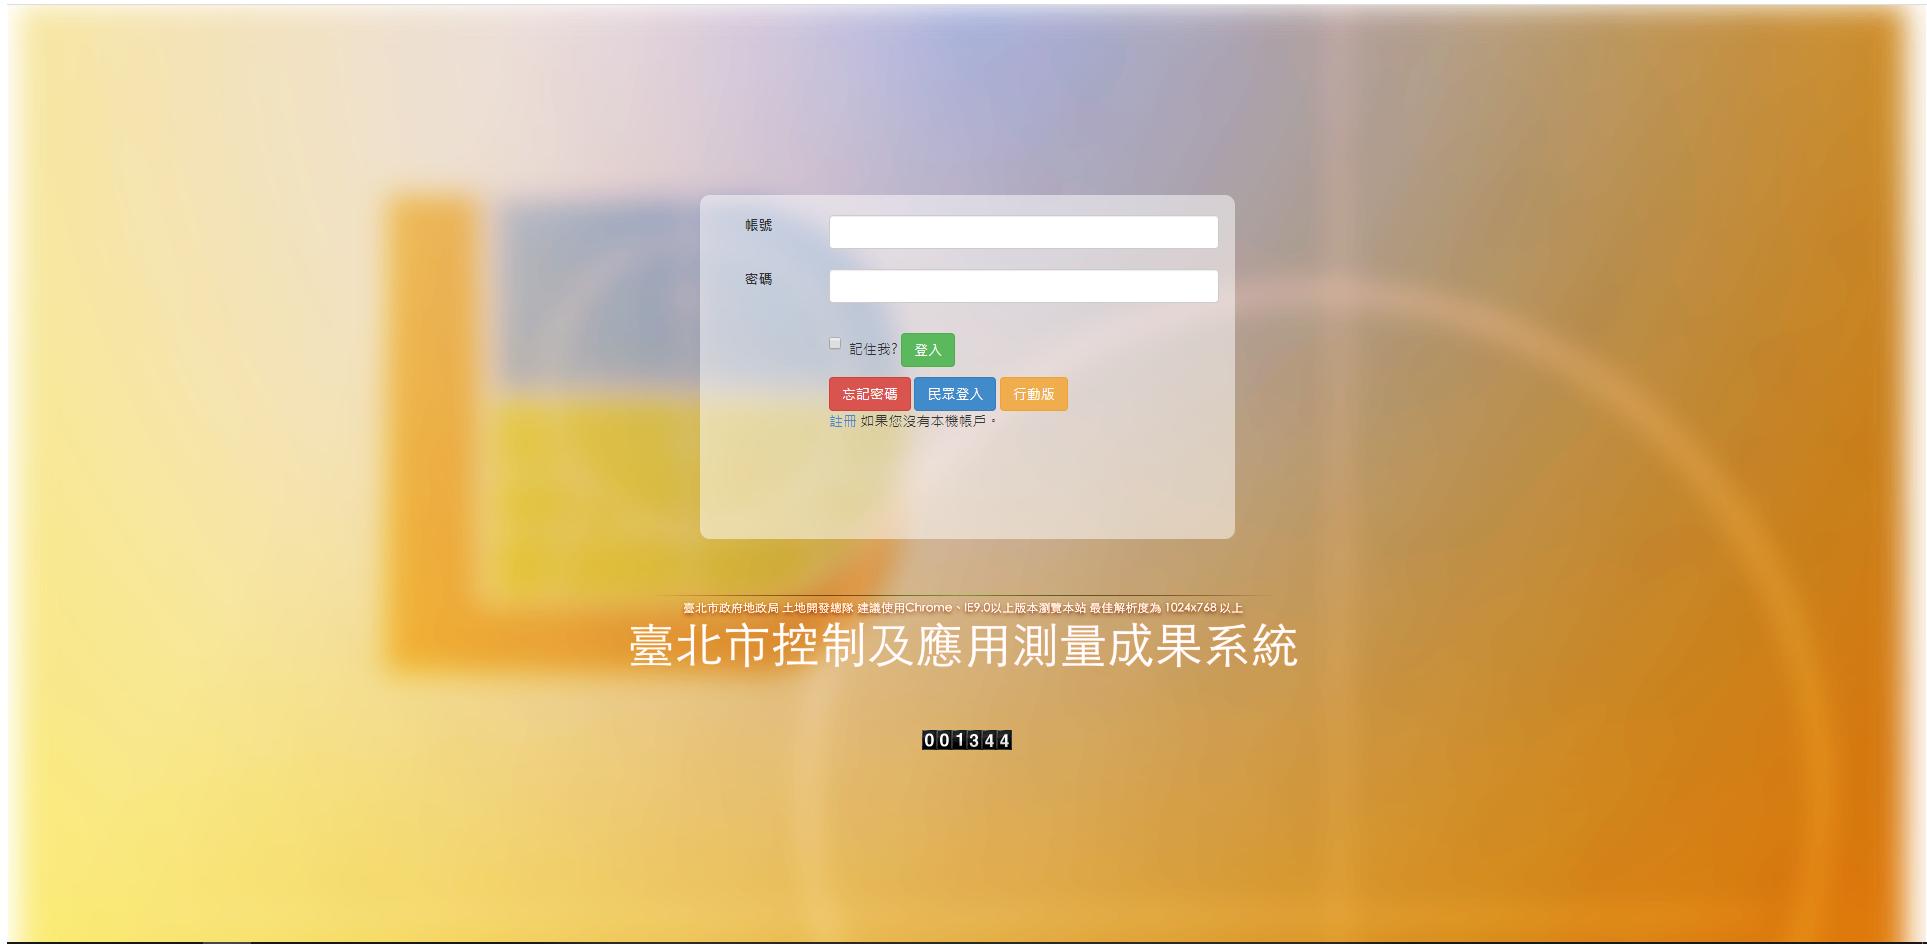 臺北市控制及應用測量成果系統首頁